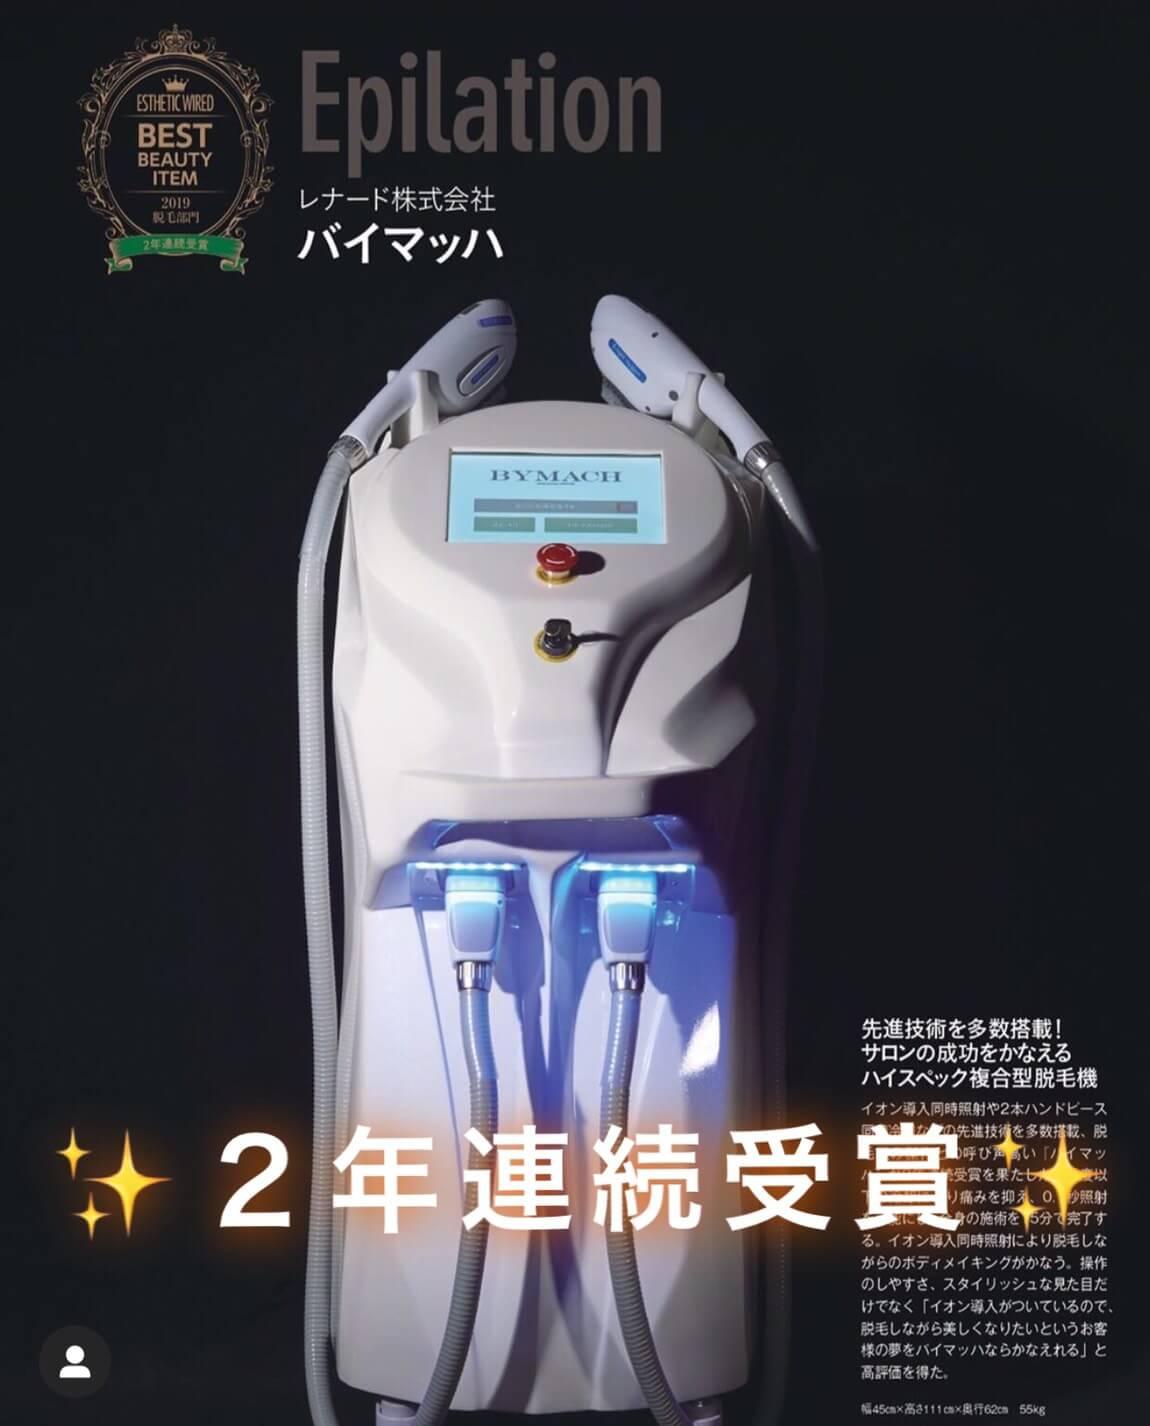 キラ肌採用脱毛マシン:ベストアイテム賞受賞